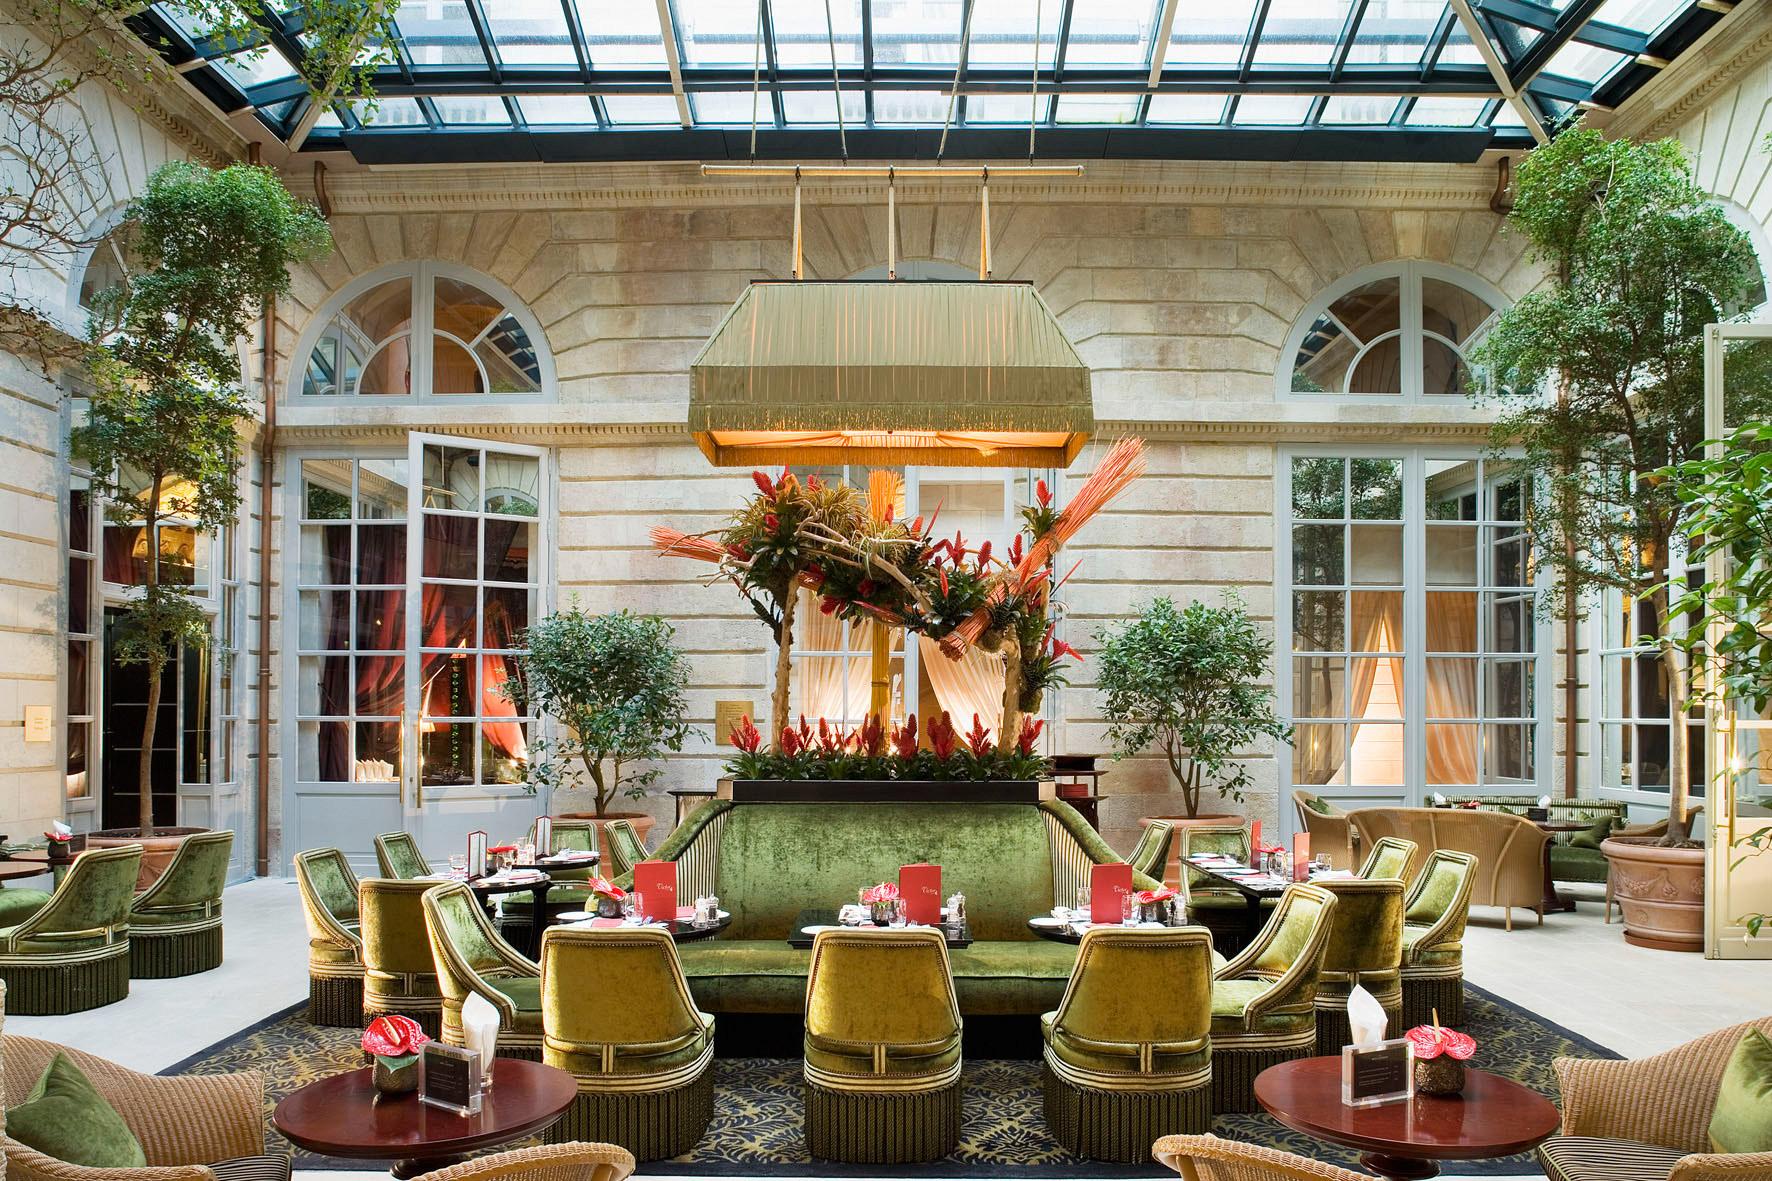 InterContinental Bordeaux Le Grand Hotel - Bordeaux, France - Bar l'Orangerie Atrium